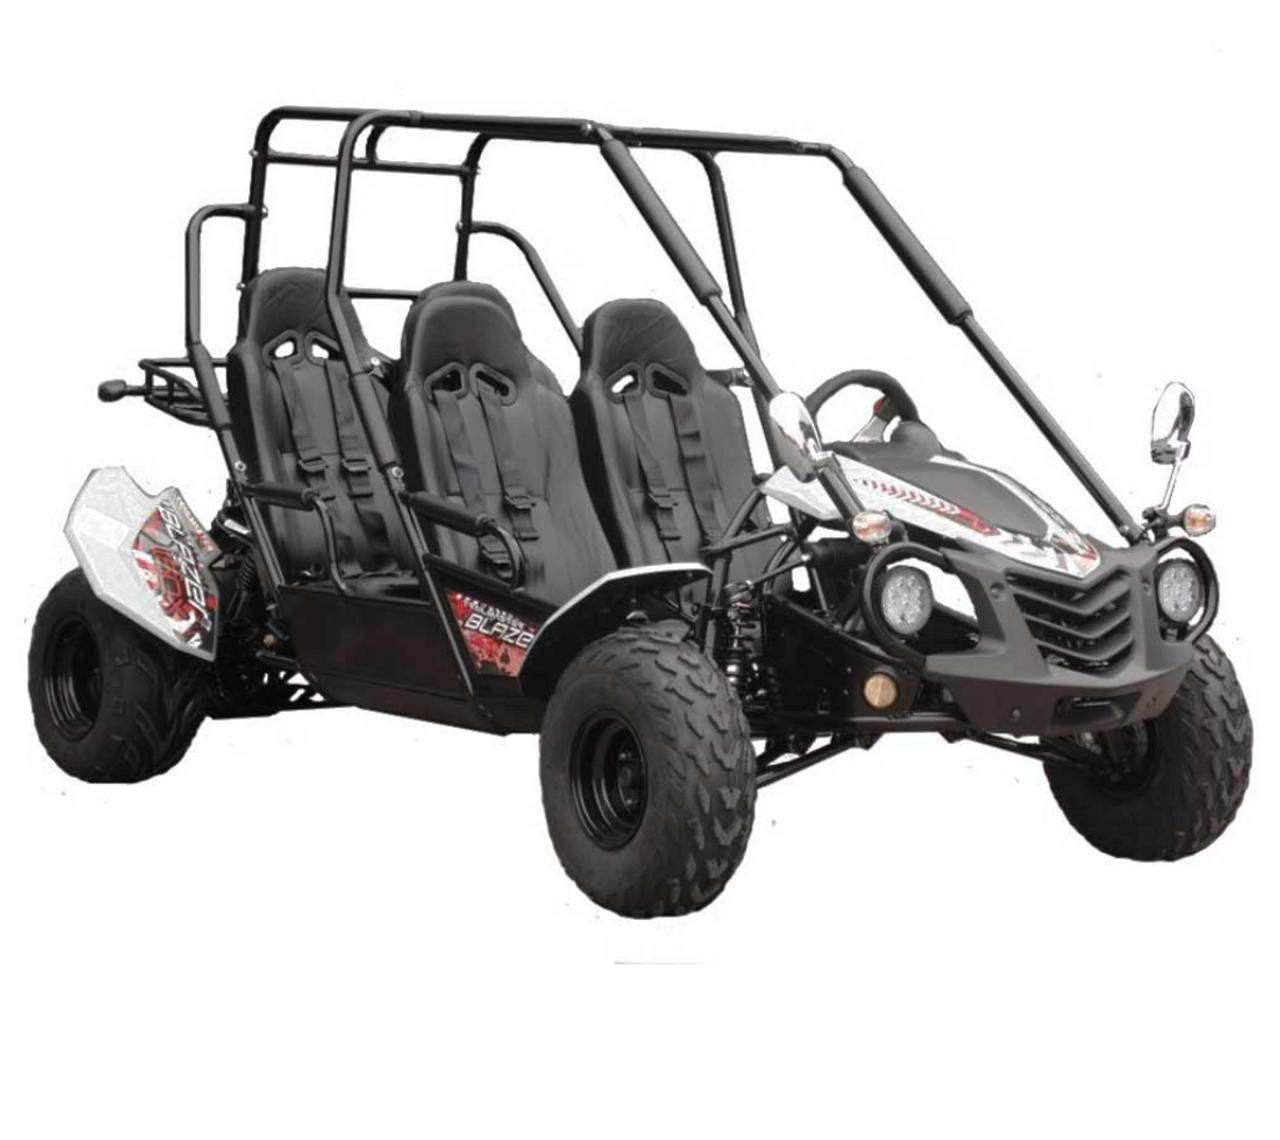 TrailMaster Blazer4 150X Go Kart - White